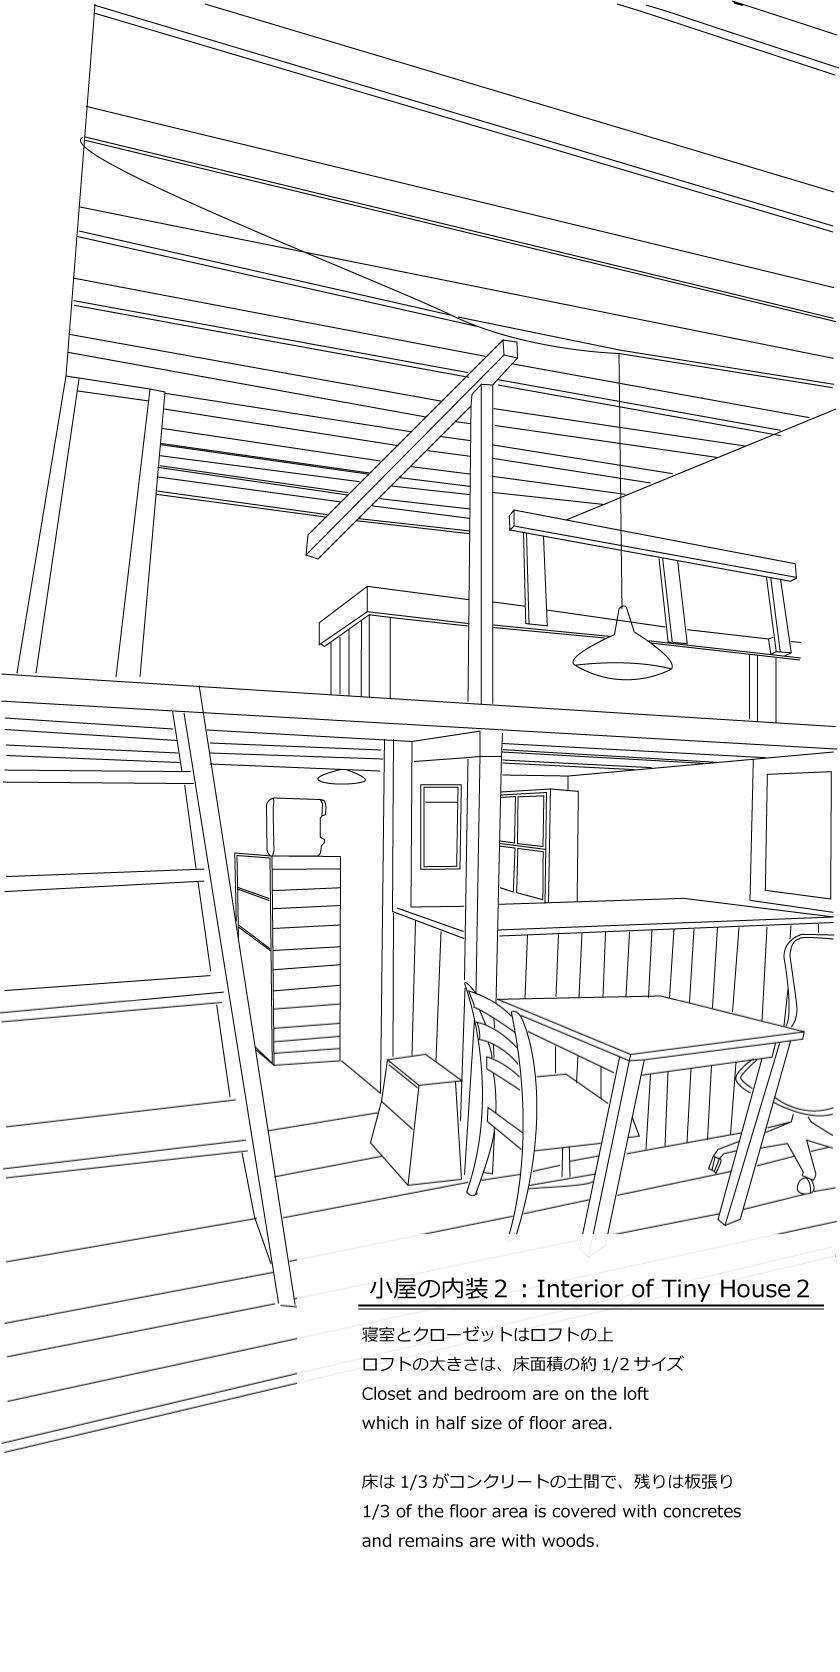 interia2